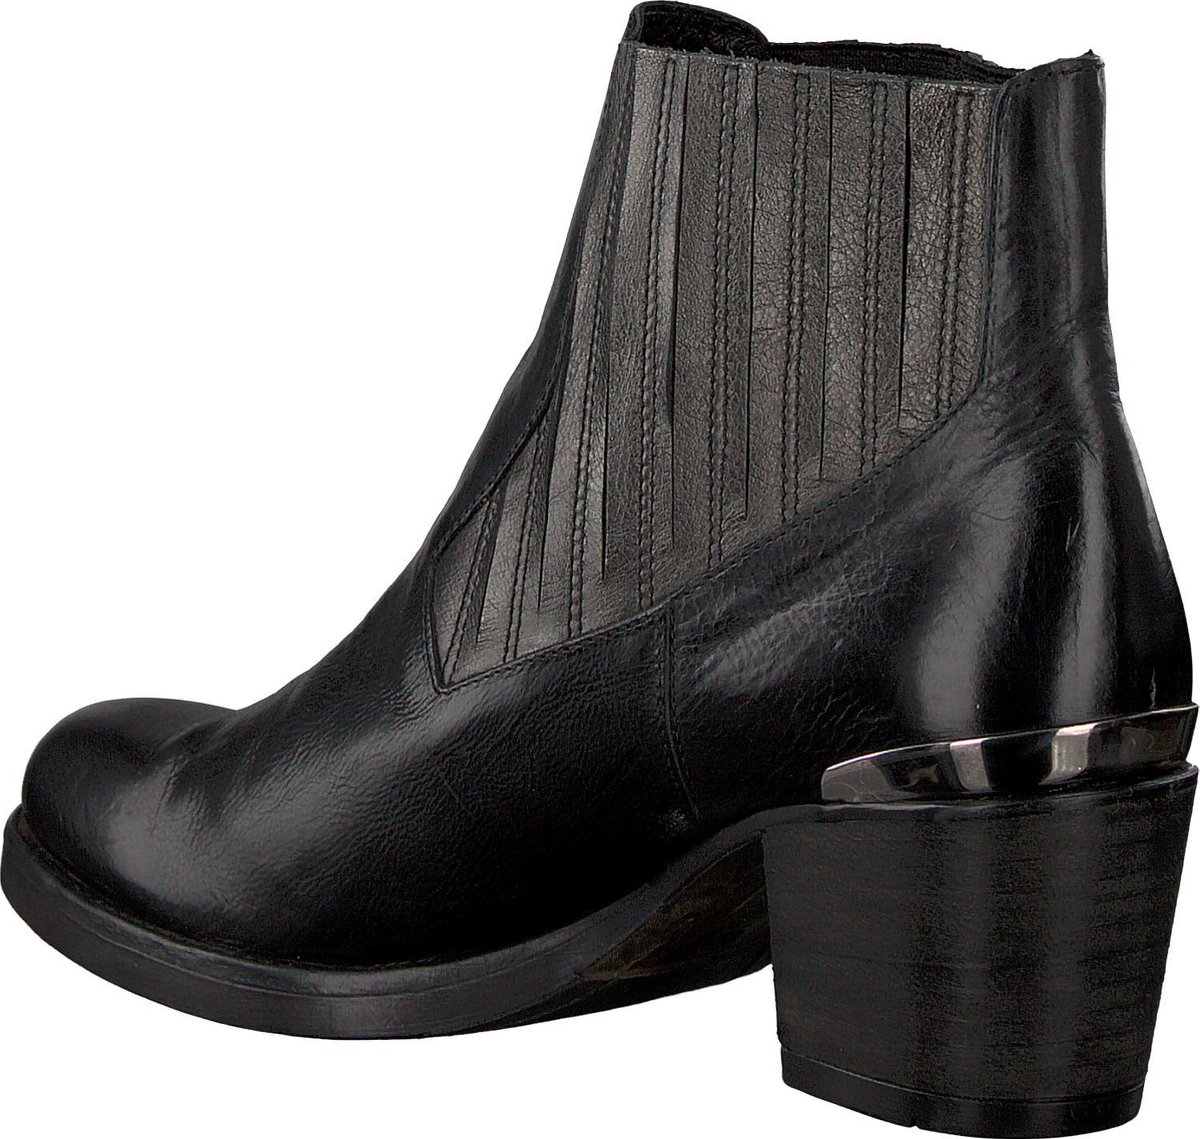 Via Vai Dames Chelsea boots 5105025 - Zwart - Maat 37 Boots